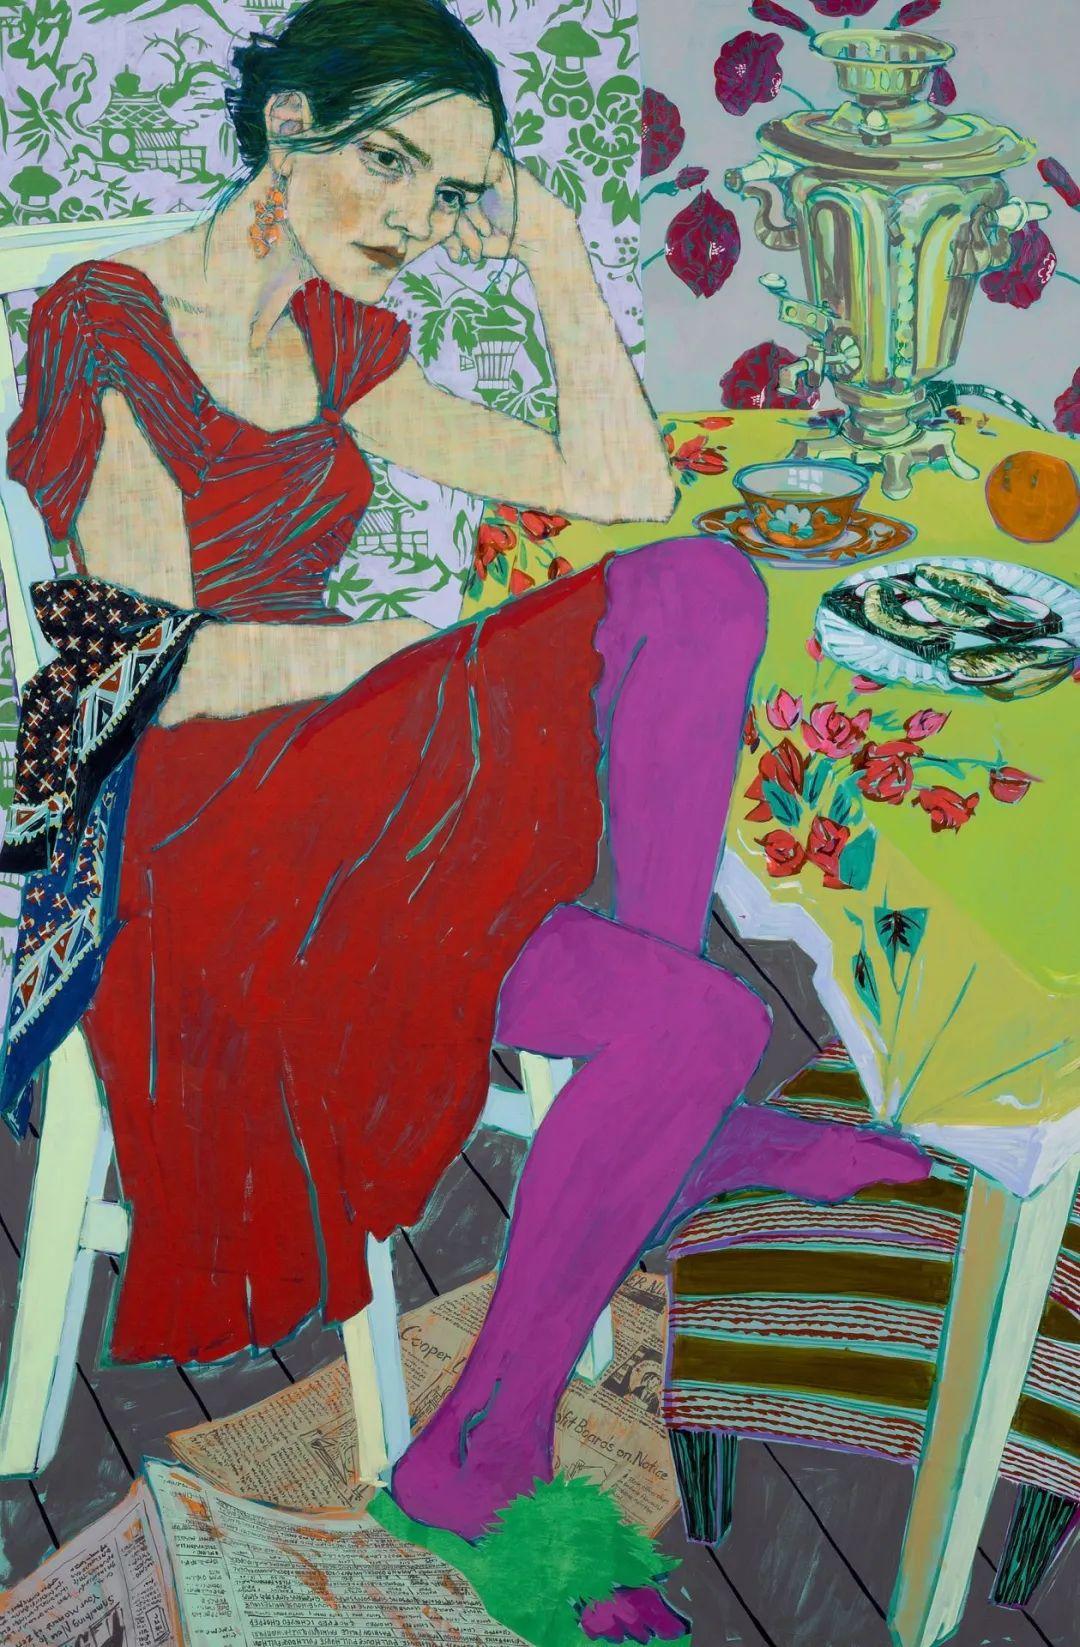 用平静的笔触描绘强烈的感情,美国艺术家Hope Gangloff作品选插图9